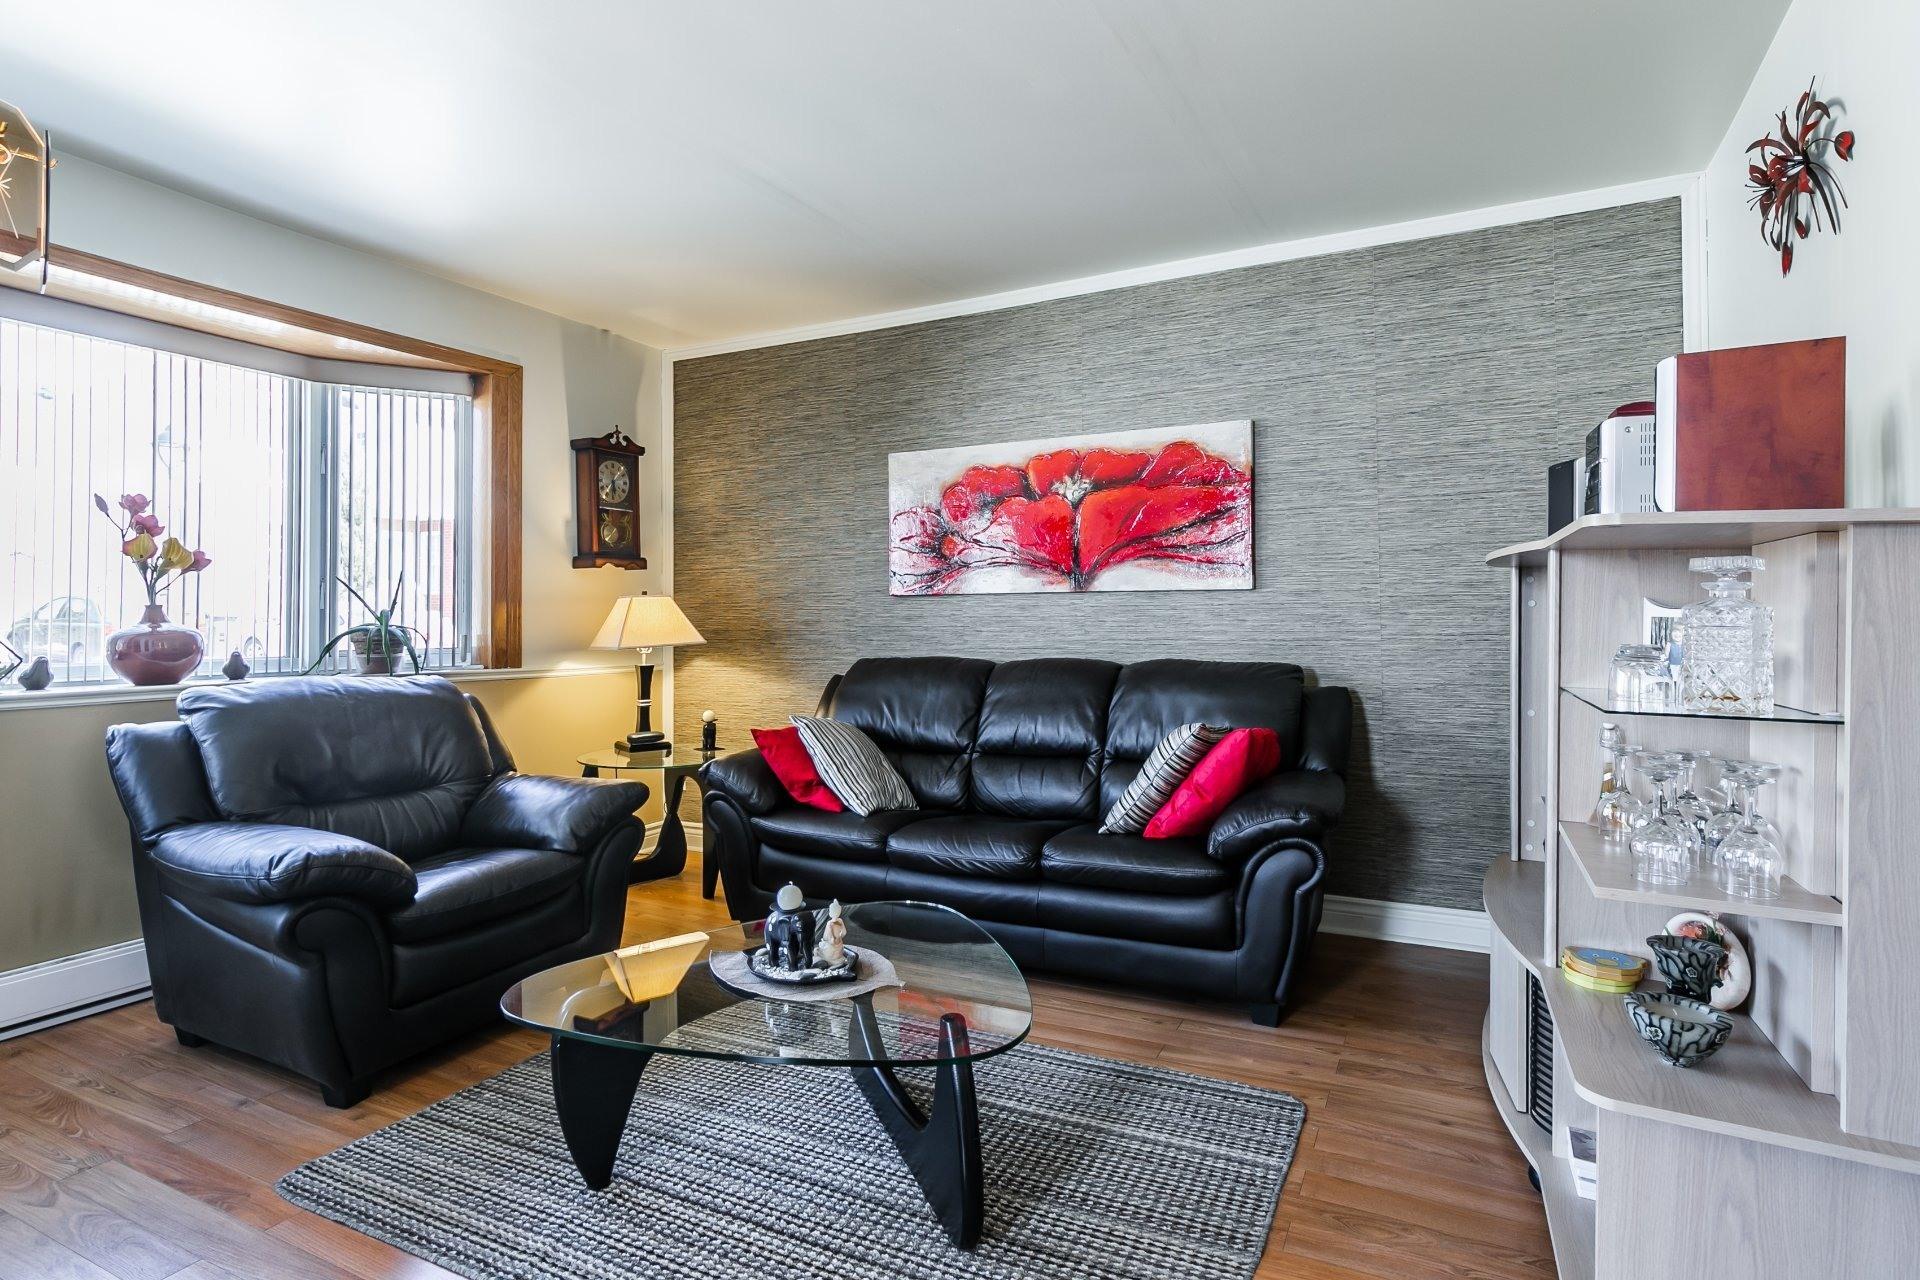 image 4 - Maison À vendre Rivière-des-Prairies/Pointe-aux-Trembles Montréal  - 7 pièces